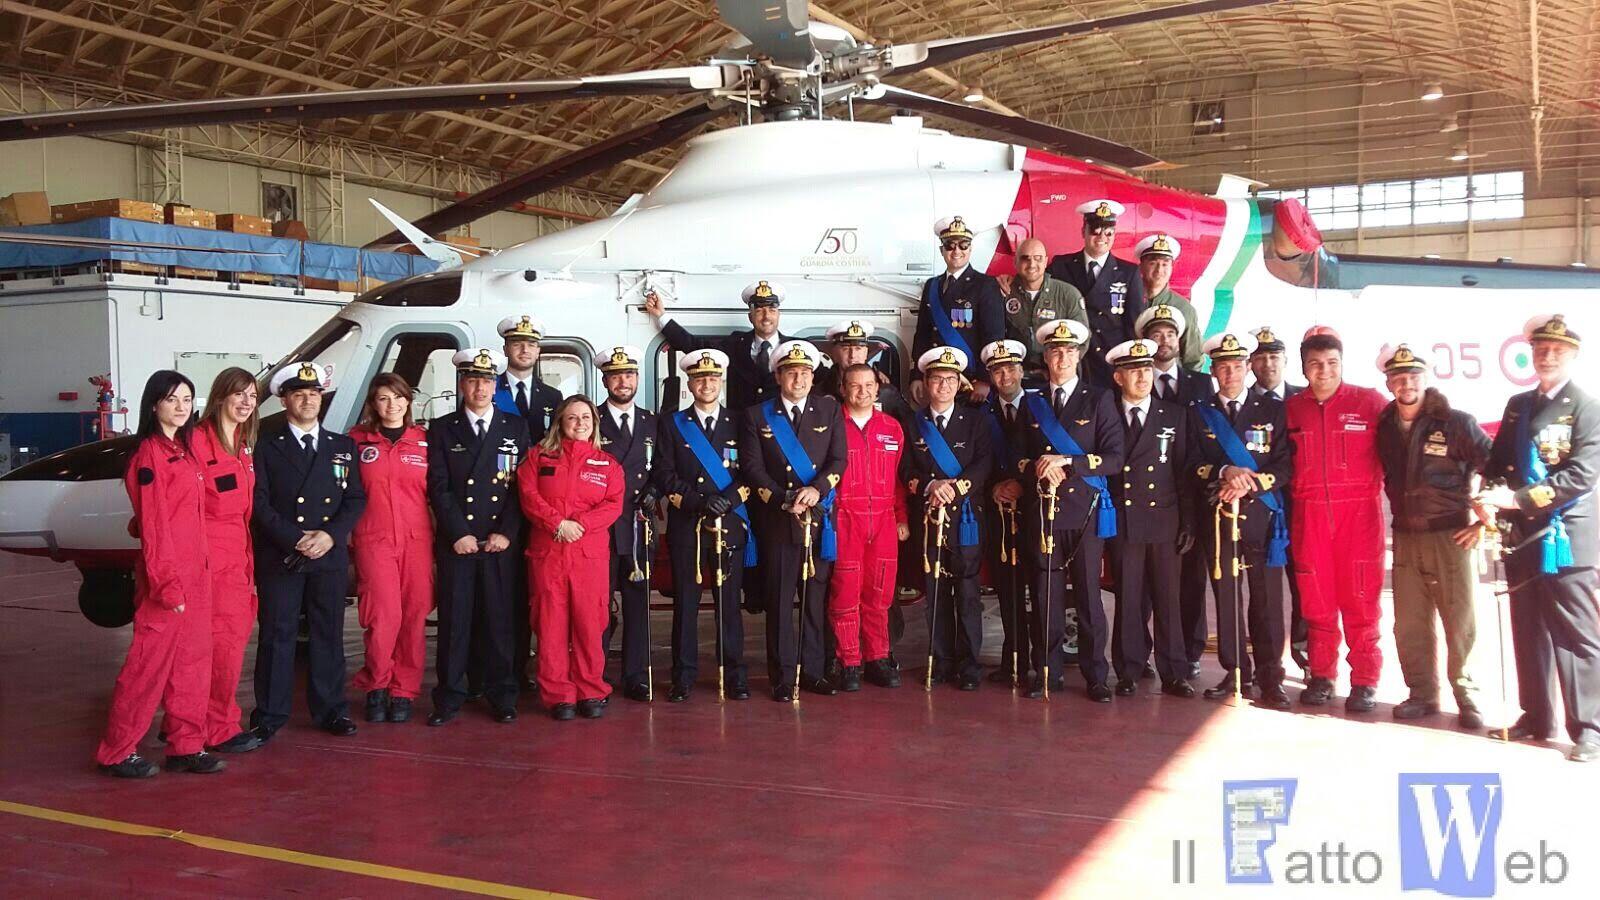 Guardia Costiera : consegna attestati ai Medici del CISOM